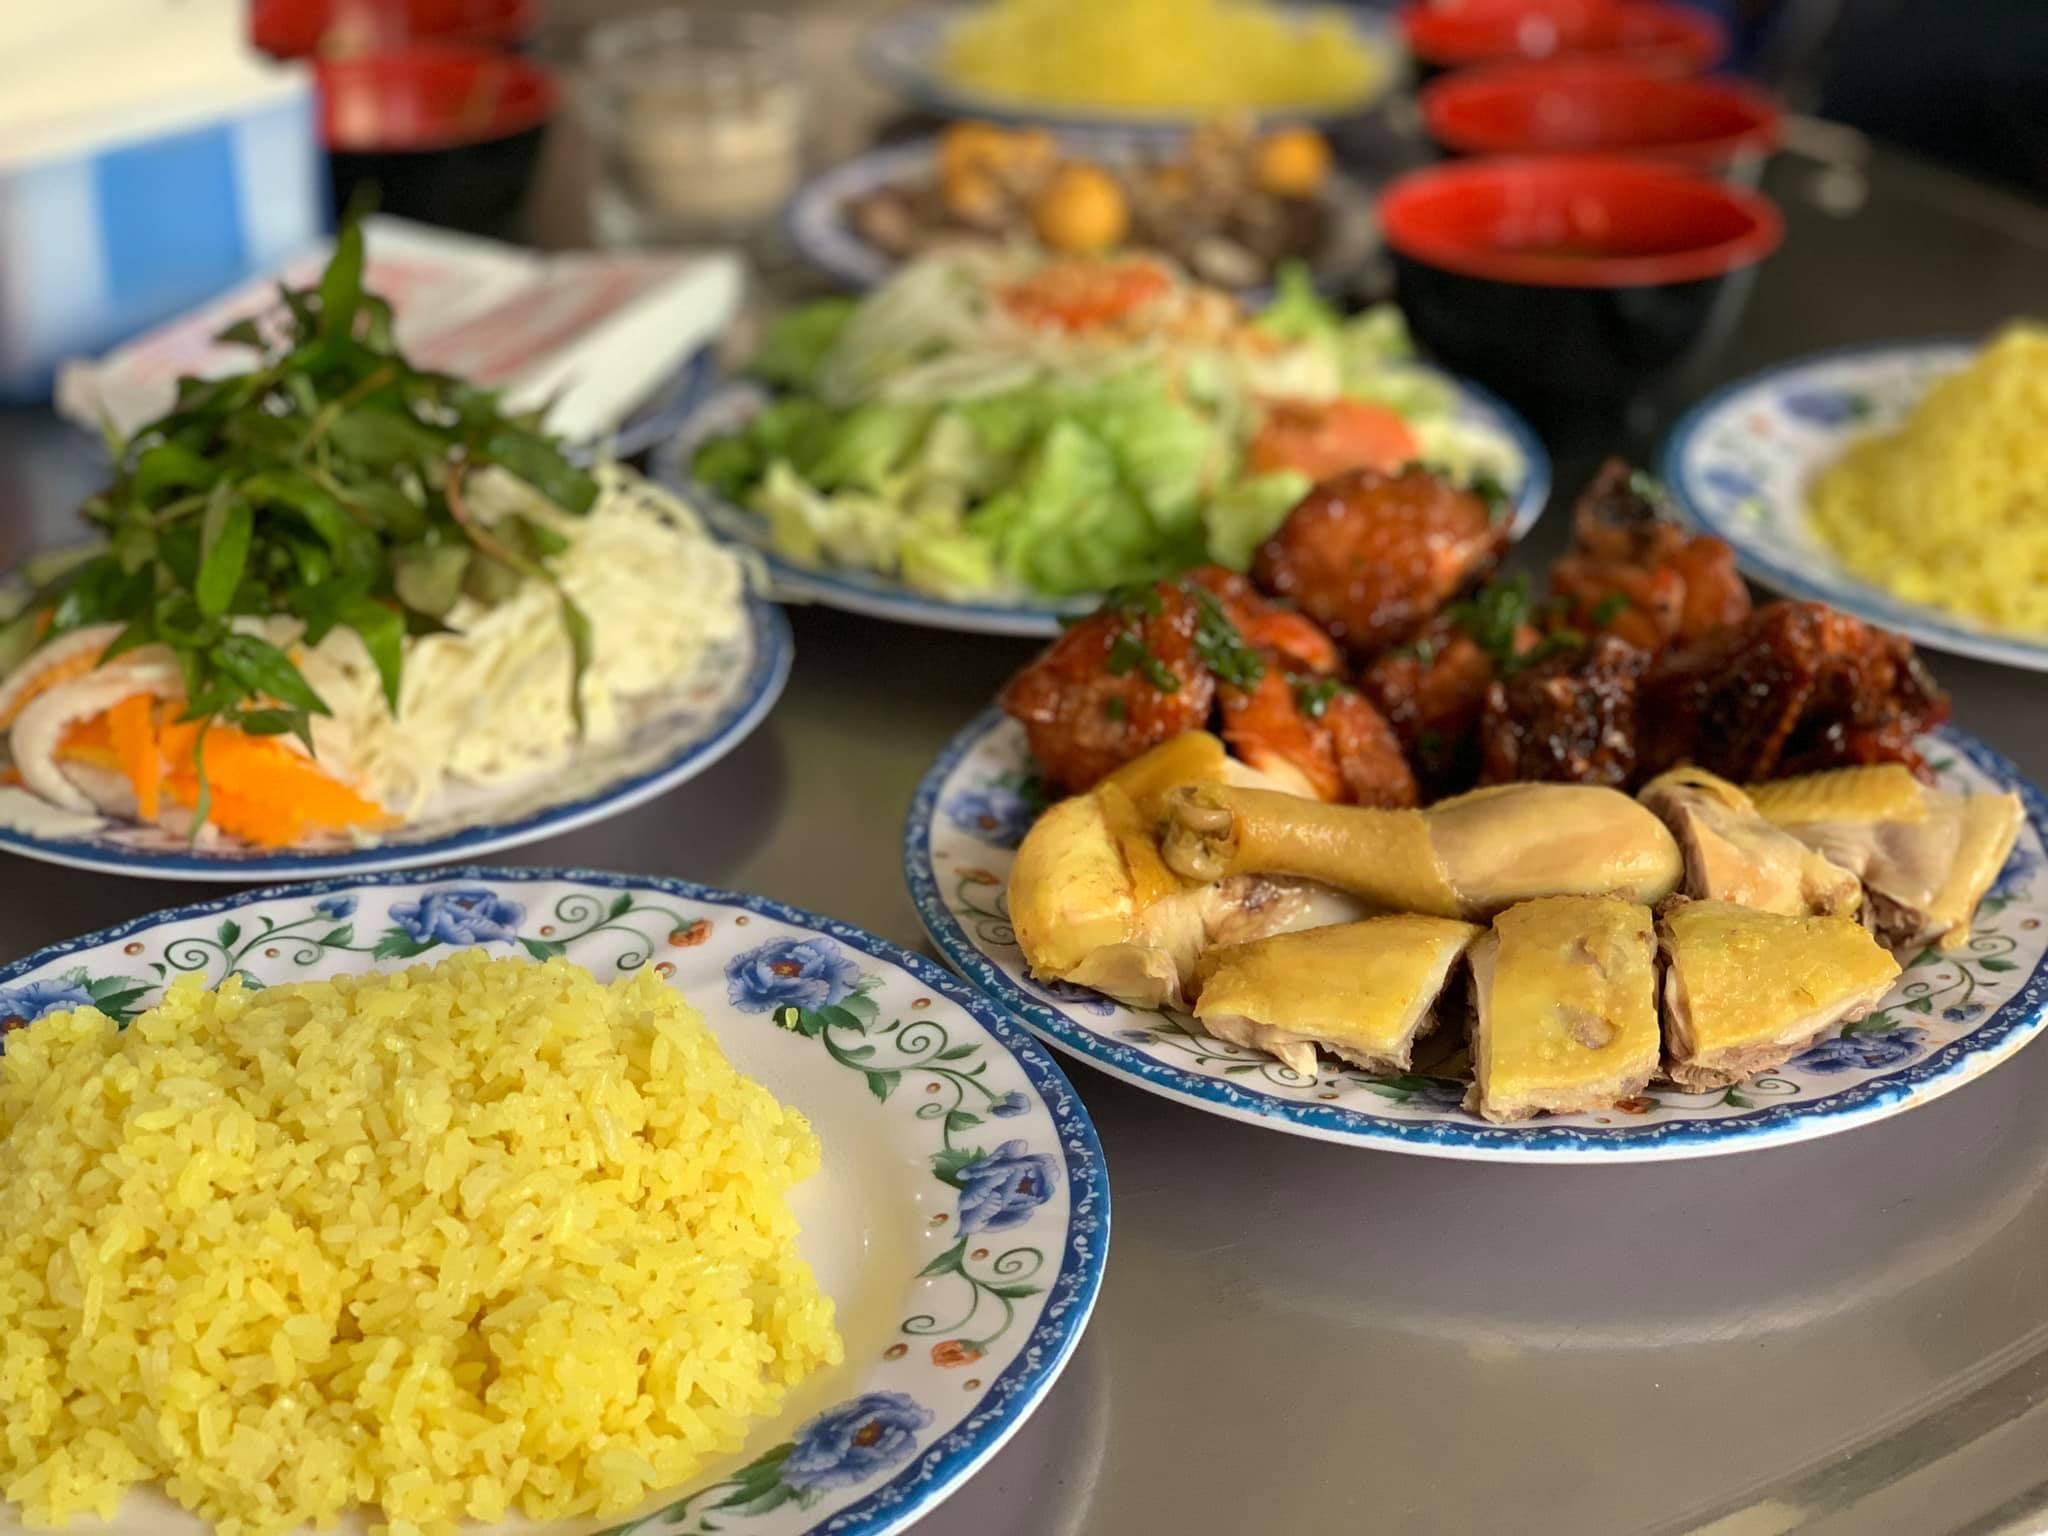 Cơm gà Phan Rang ngay bùng binh đường 3/4 thơm ngon, giá cả lại bình dân.